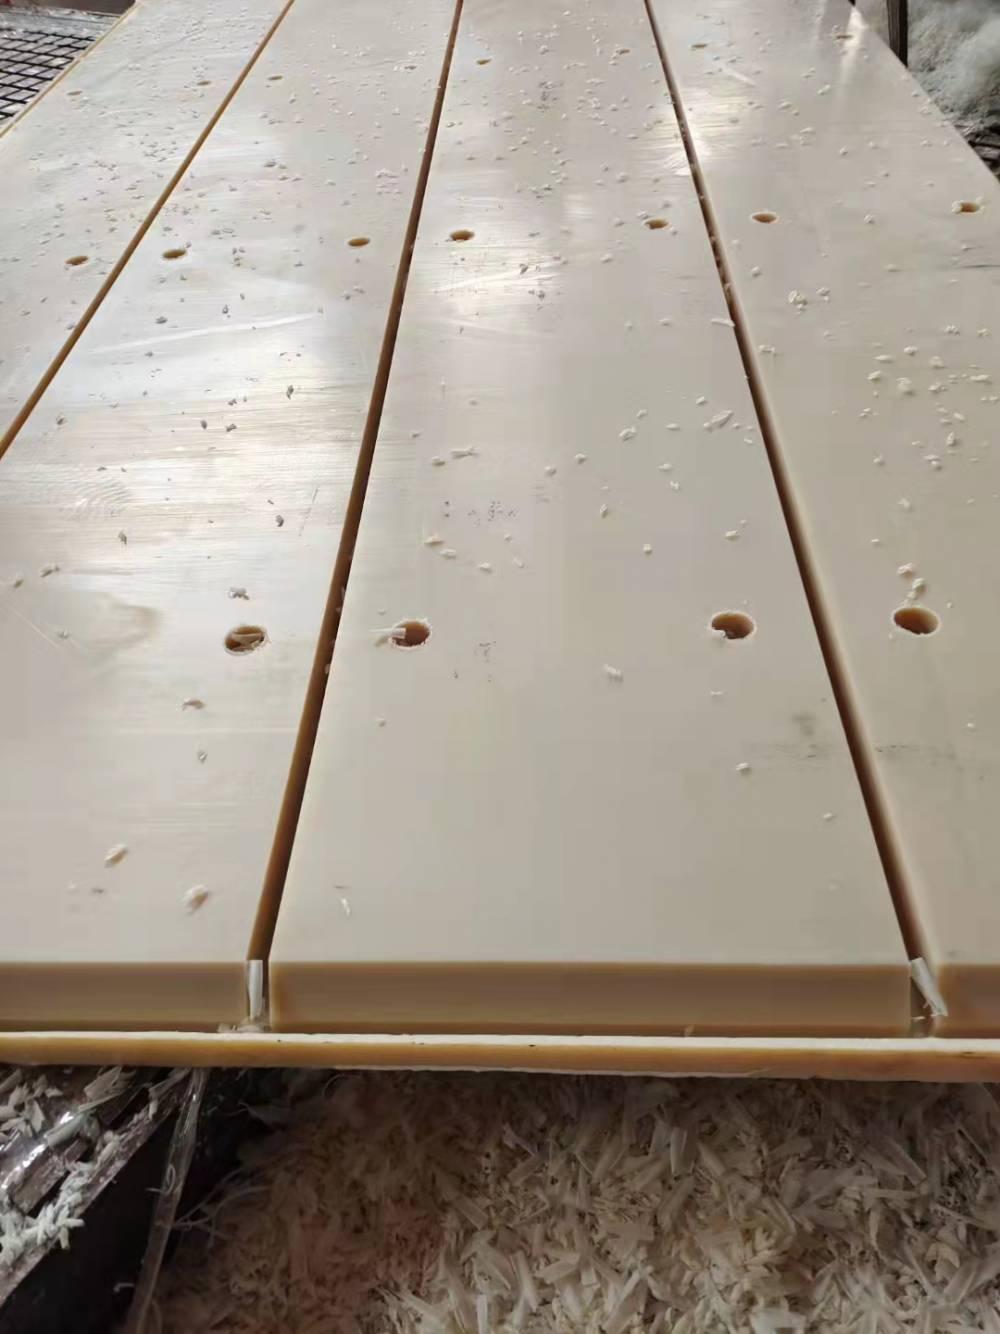 煤矿筒仓内衬超高分子量聚乙烯板 工业用超耐磨塑料板 锅炉煤斗阻燃高密度聚乙烯衬板